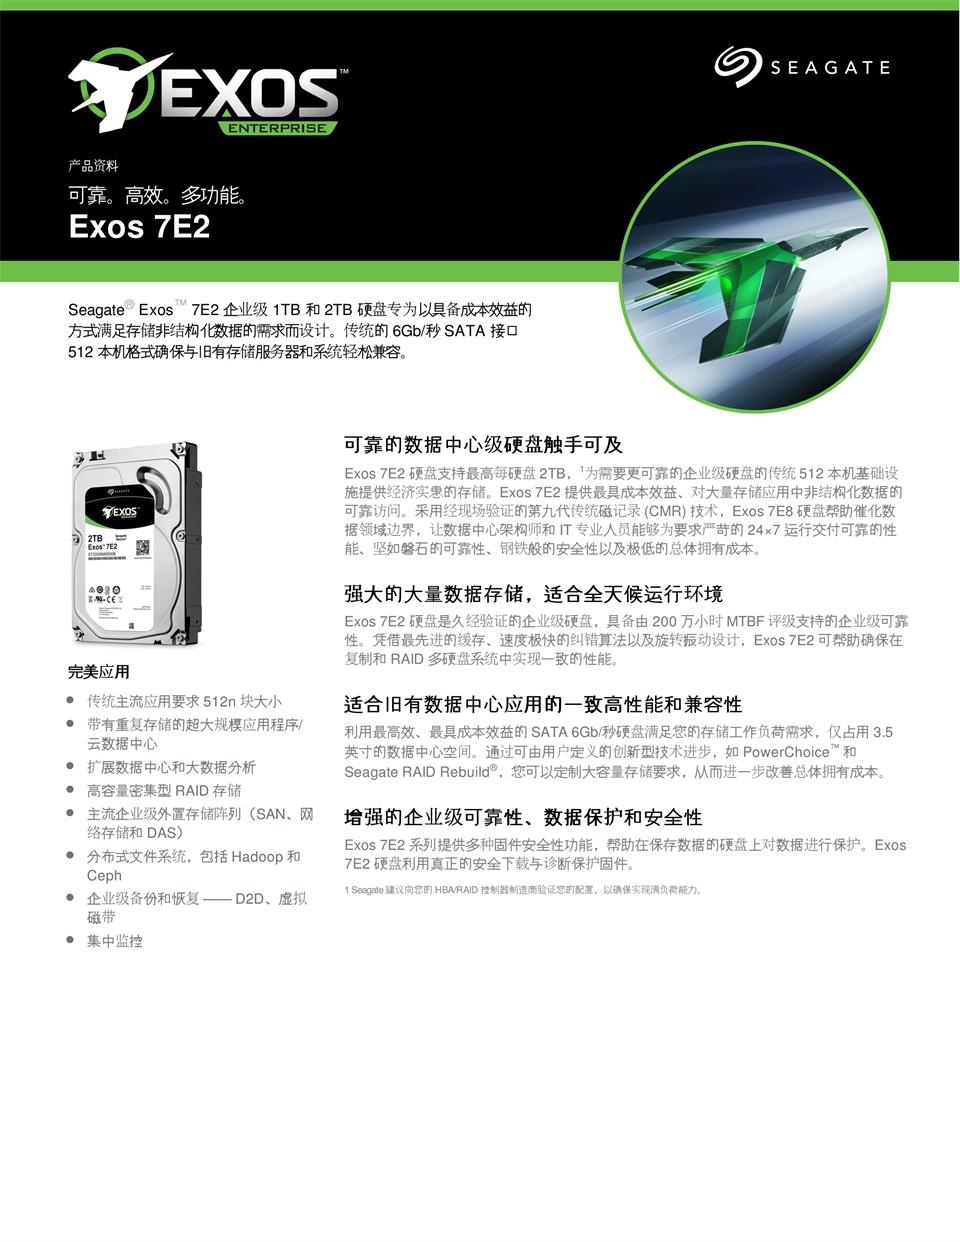 希捷 Exos 7E2 系列 2TB 7200转 512n 128M SATA 企业级硬盘(ST2000NM0008)